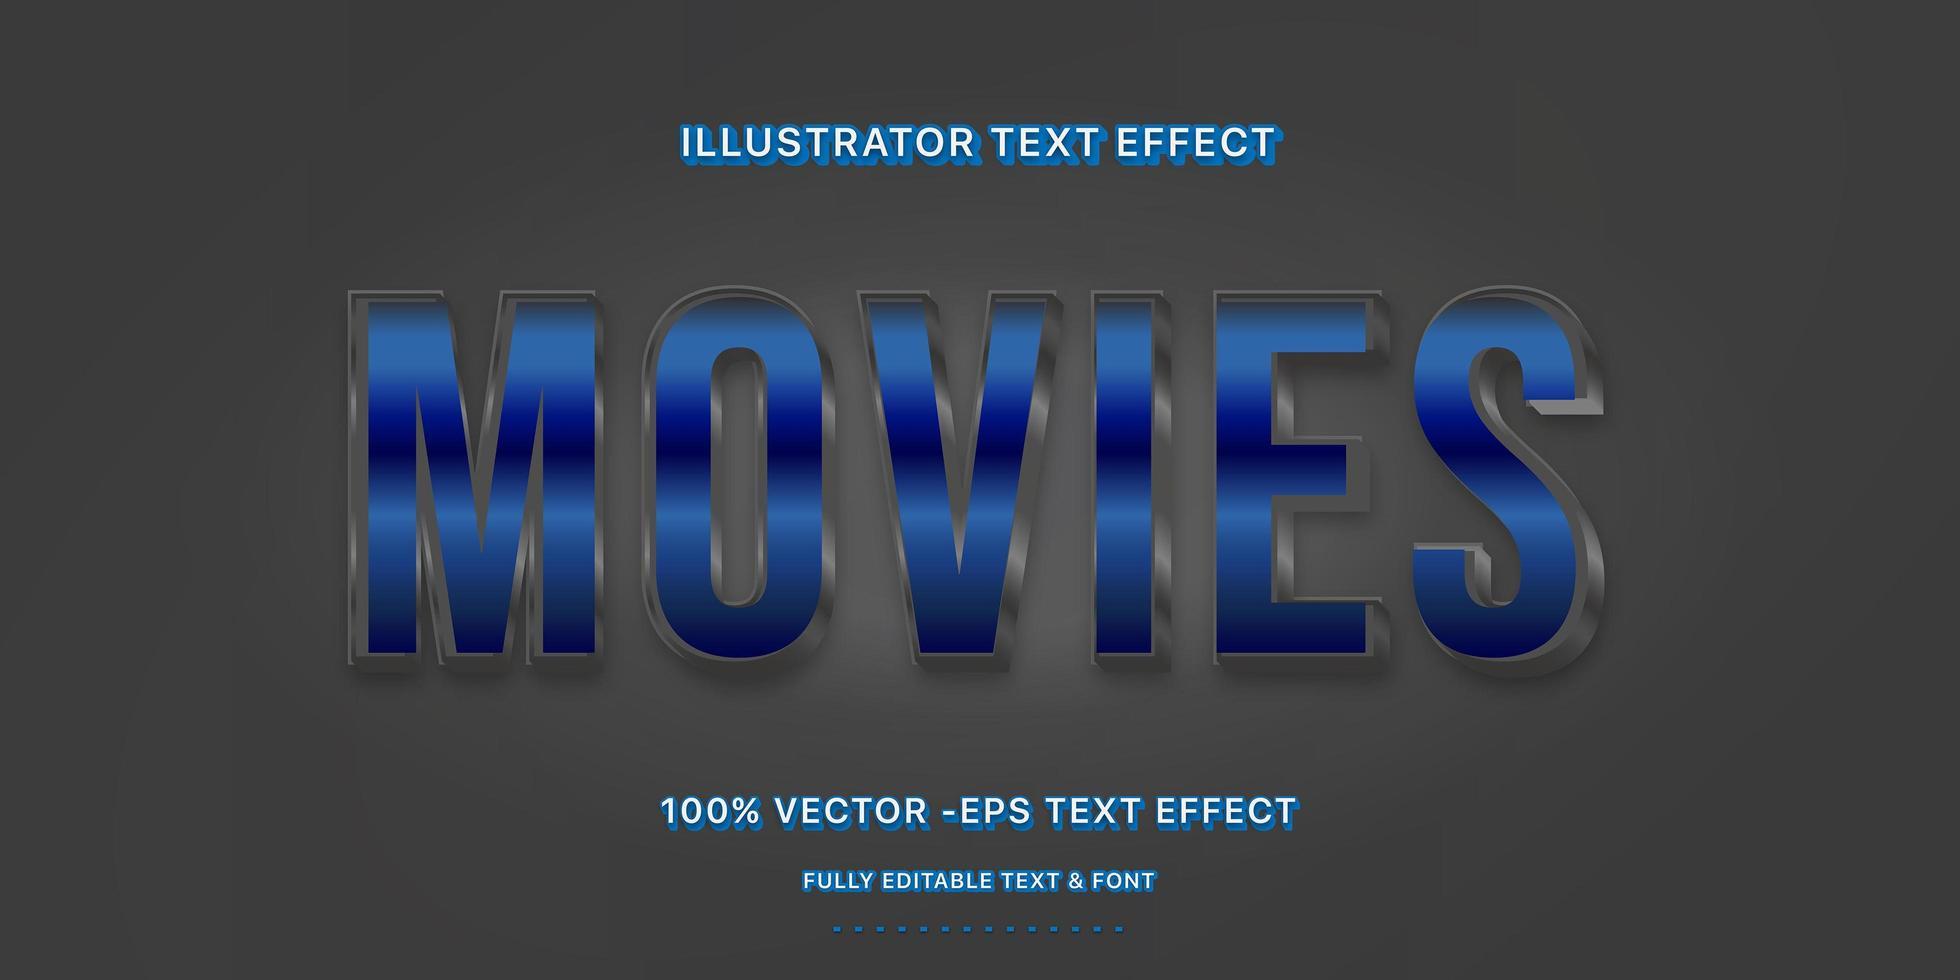 estilo de texto editável do filme metálico azul vetor